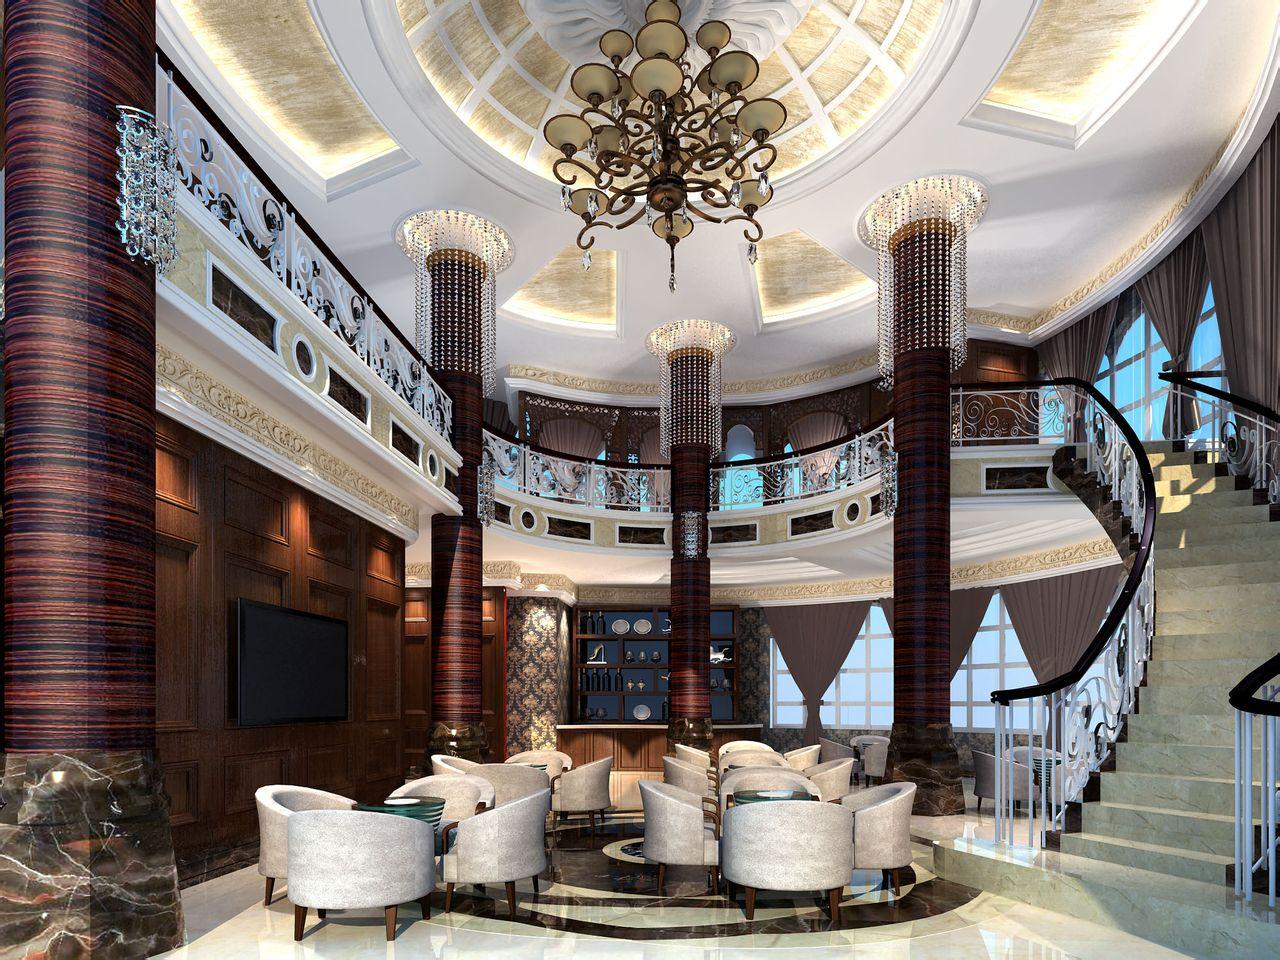 装修及运行成本,而且会显得异常冷清,不利于酒店的经营.大堂高清图片